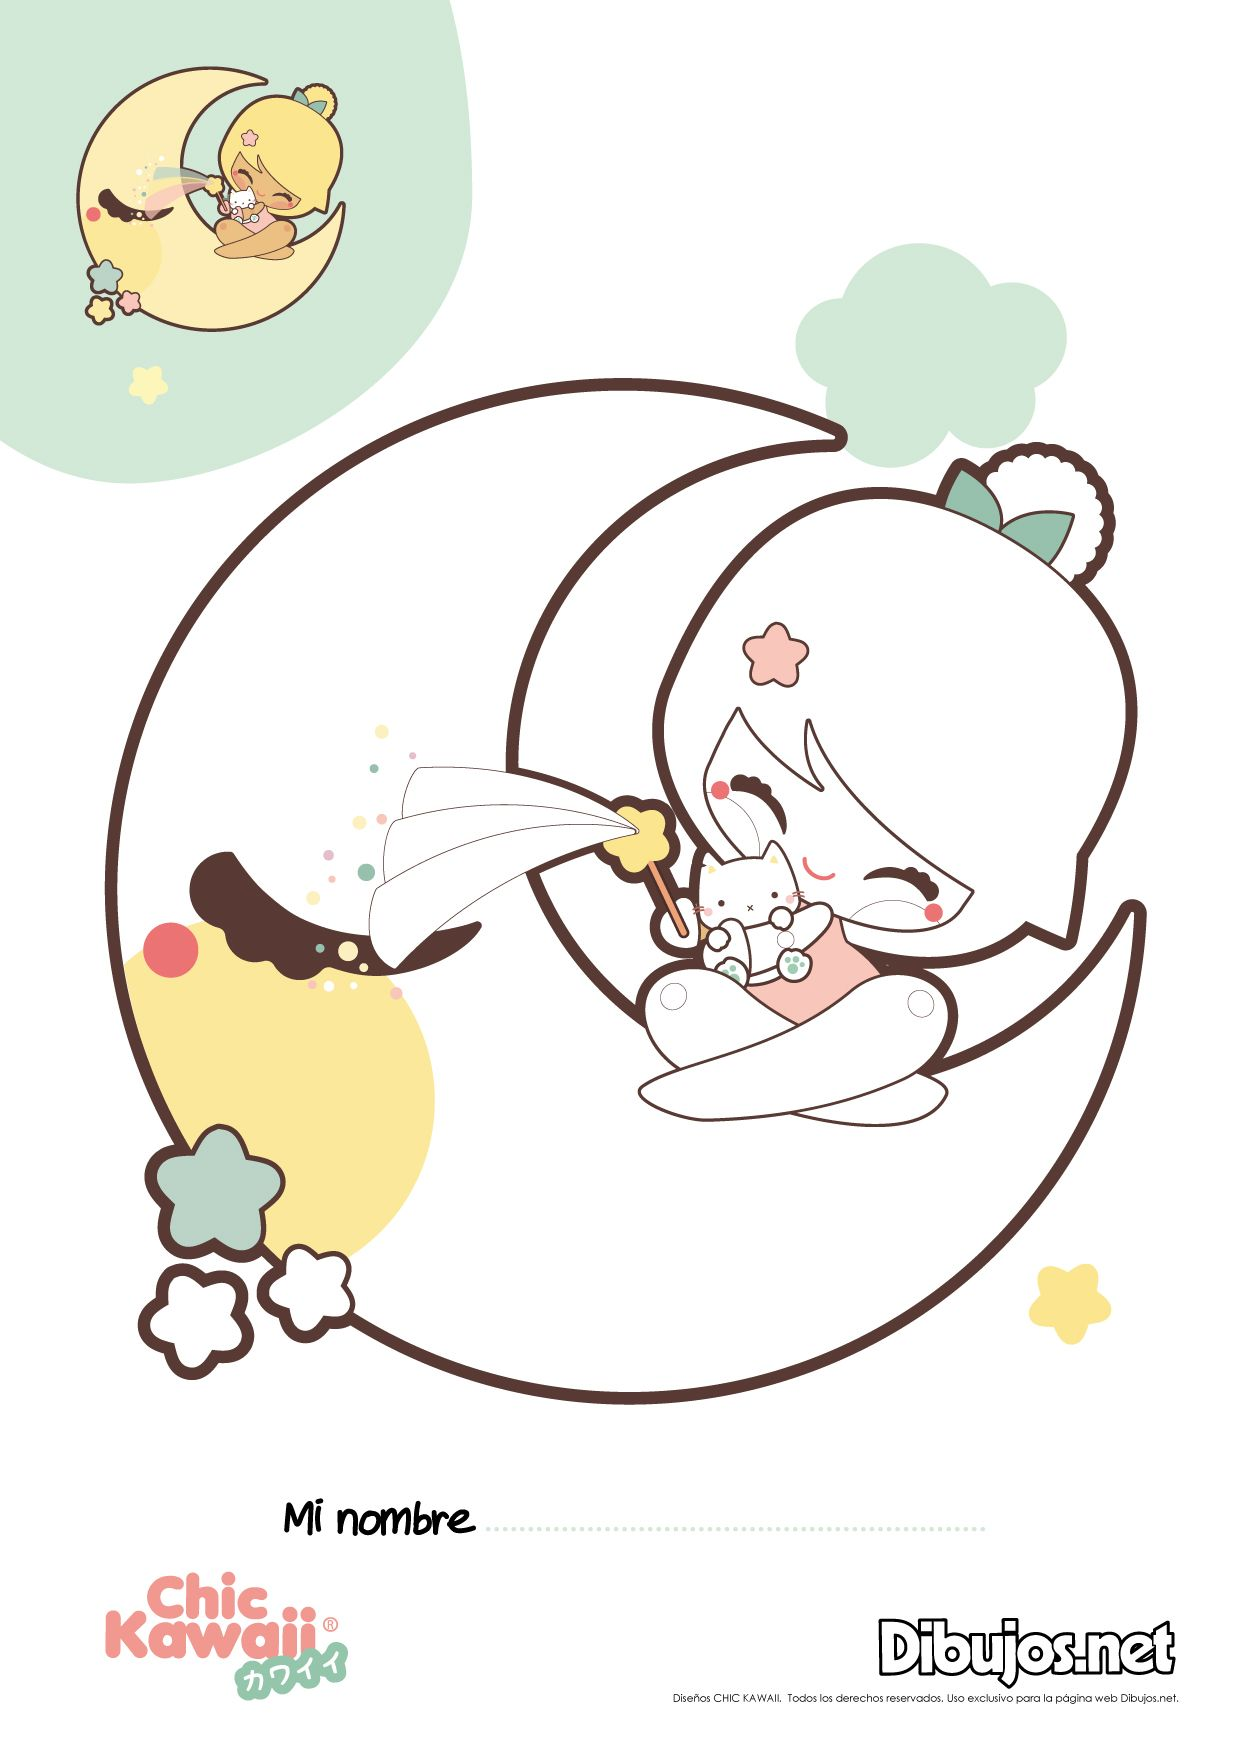 Chic Kawaii Coloring Sheets | kawaii | Pinterest | Kawaii